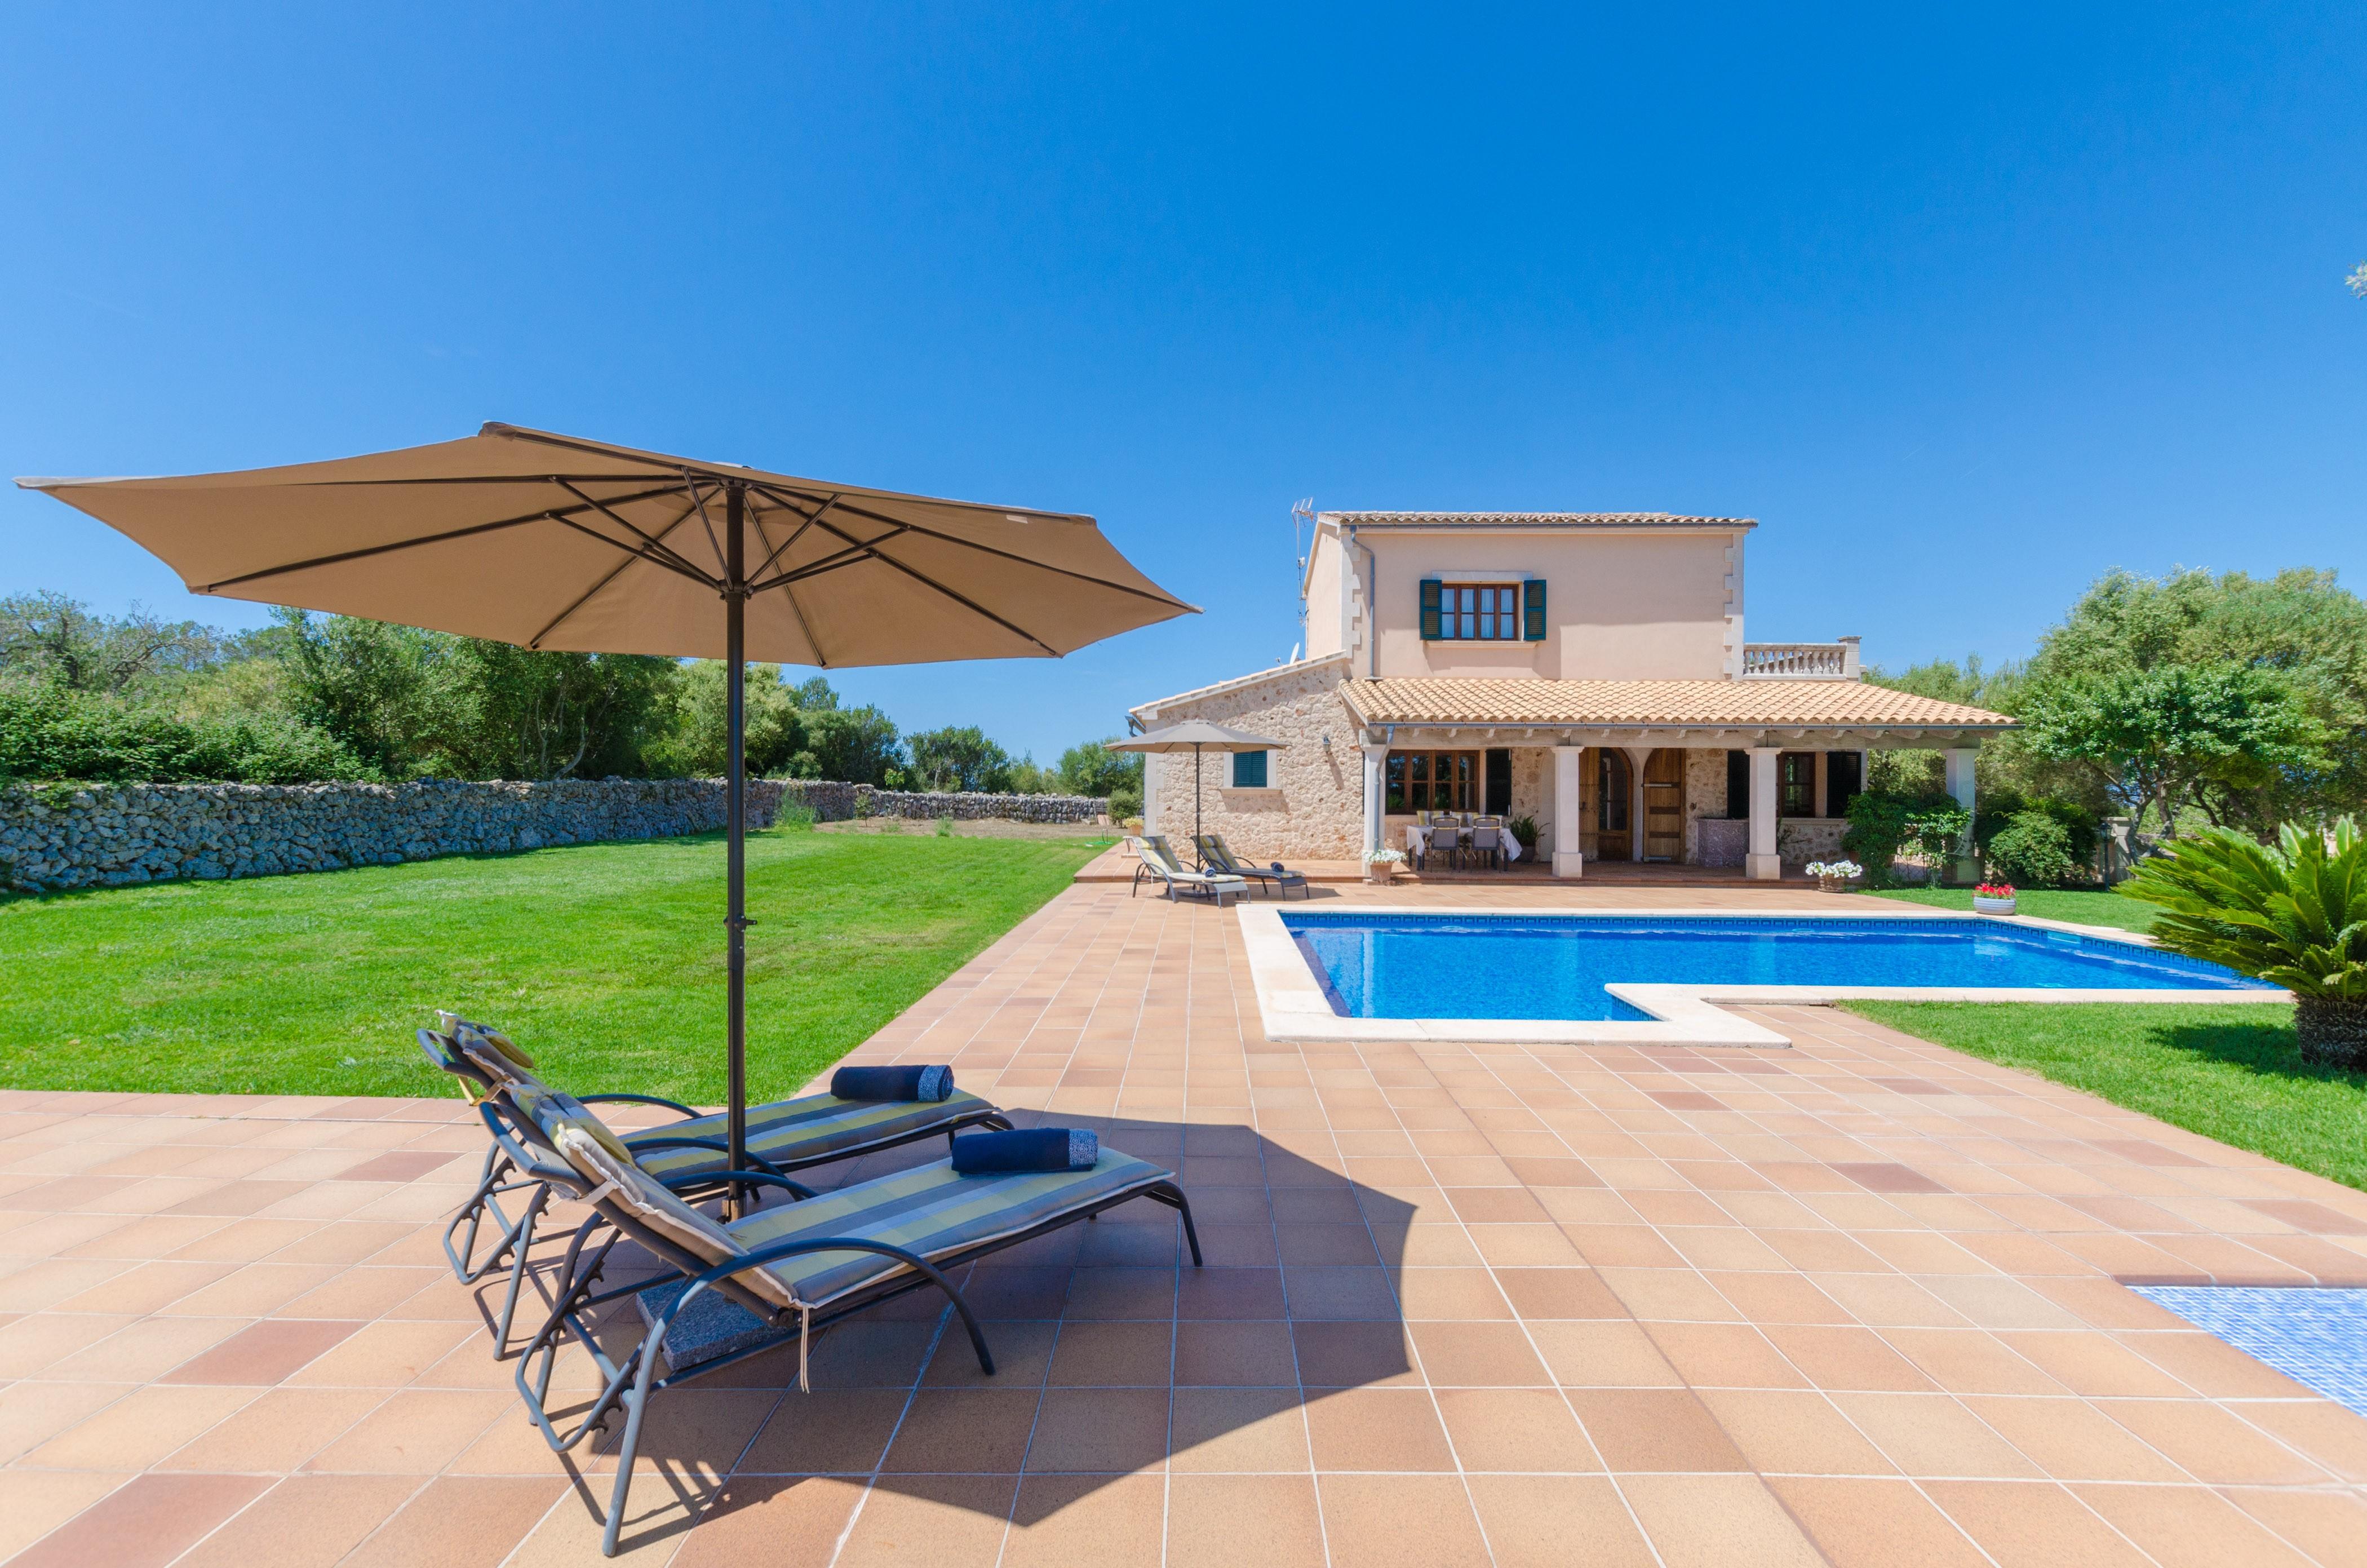 Maison de vacances ES VEDAT (2632993), Lloret de Vistalegre, Majorque, Iles Baléares, Espagne, image 3